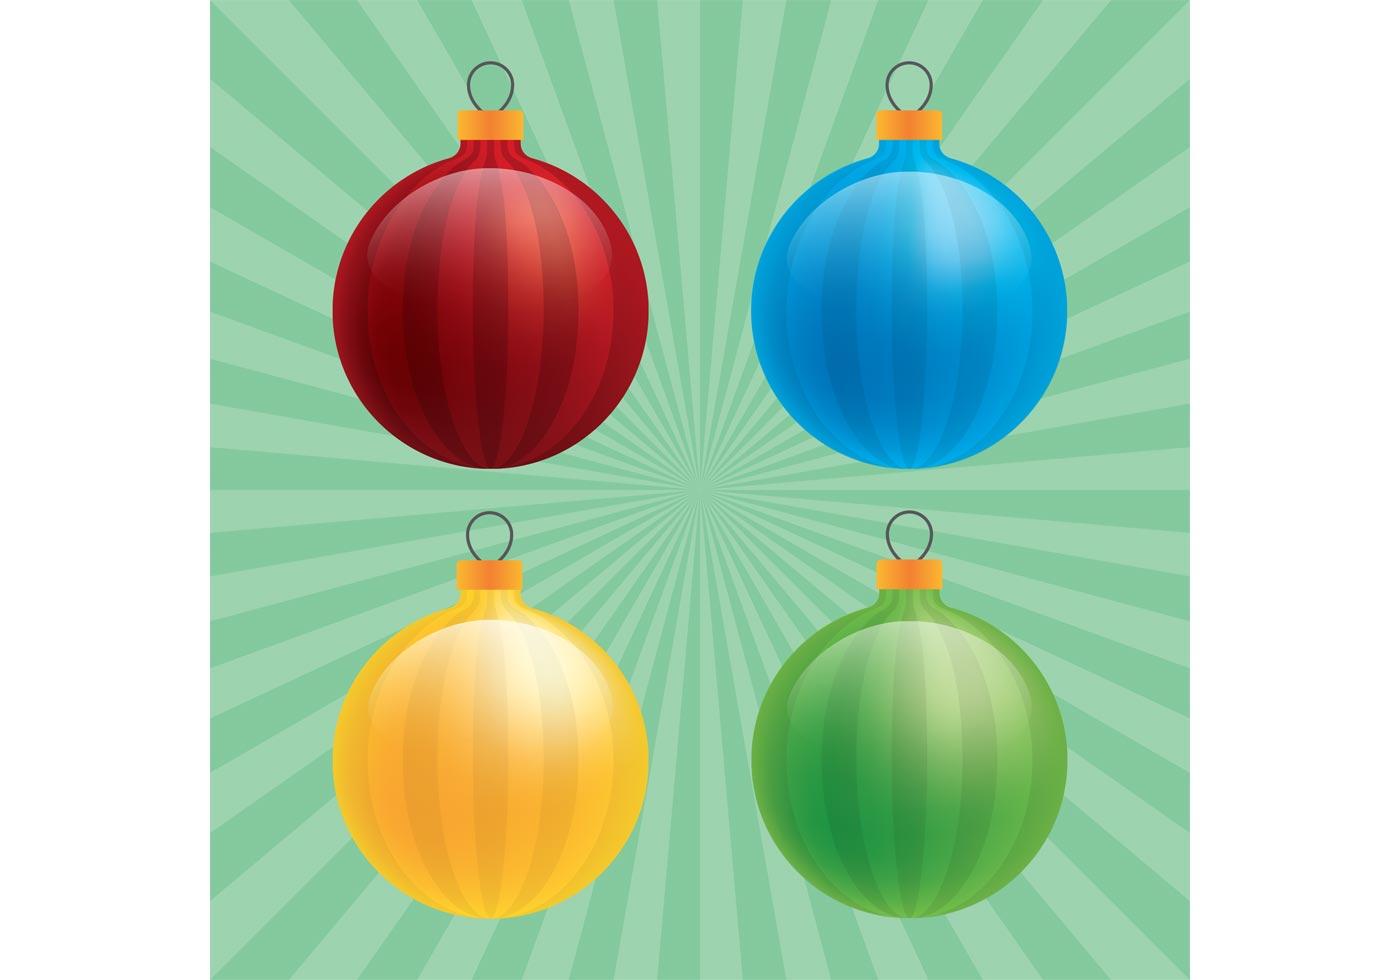 Glossy Christmas Ornament Vectors - Download Free Vectors ...